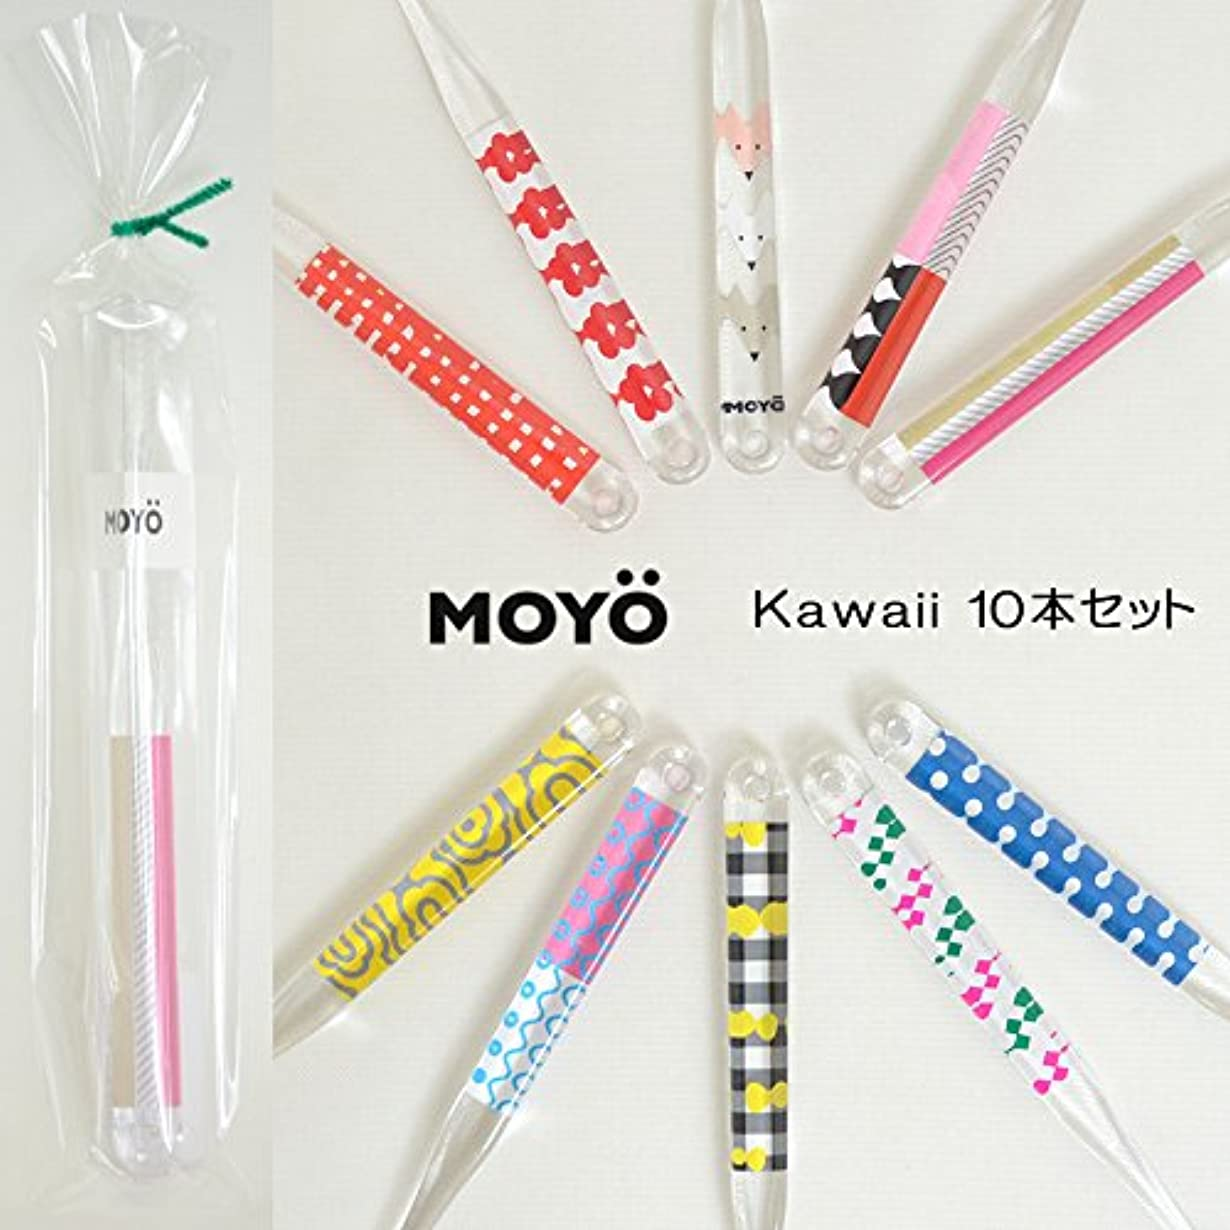 リダクターあたり聞きますMOYO モヨウ kawaii10本 プチ ギフト セット_562302-kawaii2 【F】,kawaii10本セット